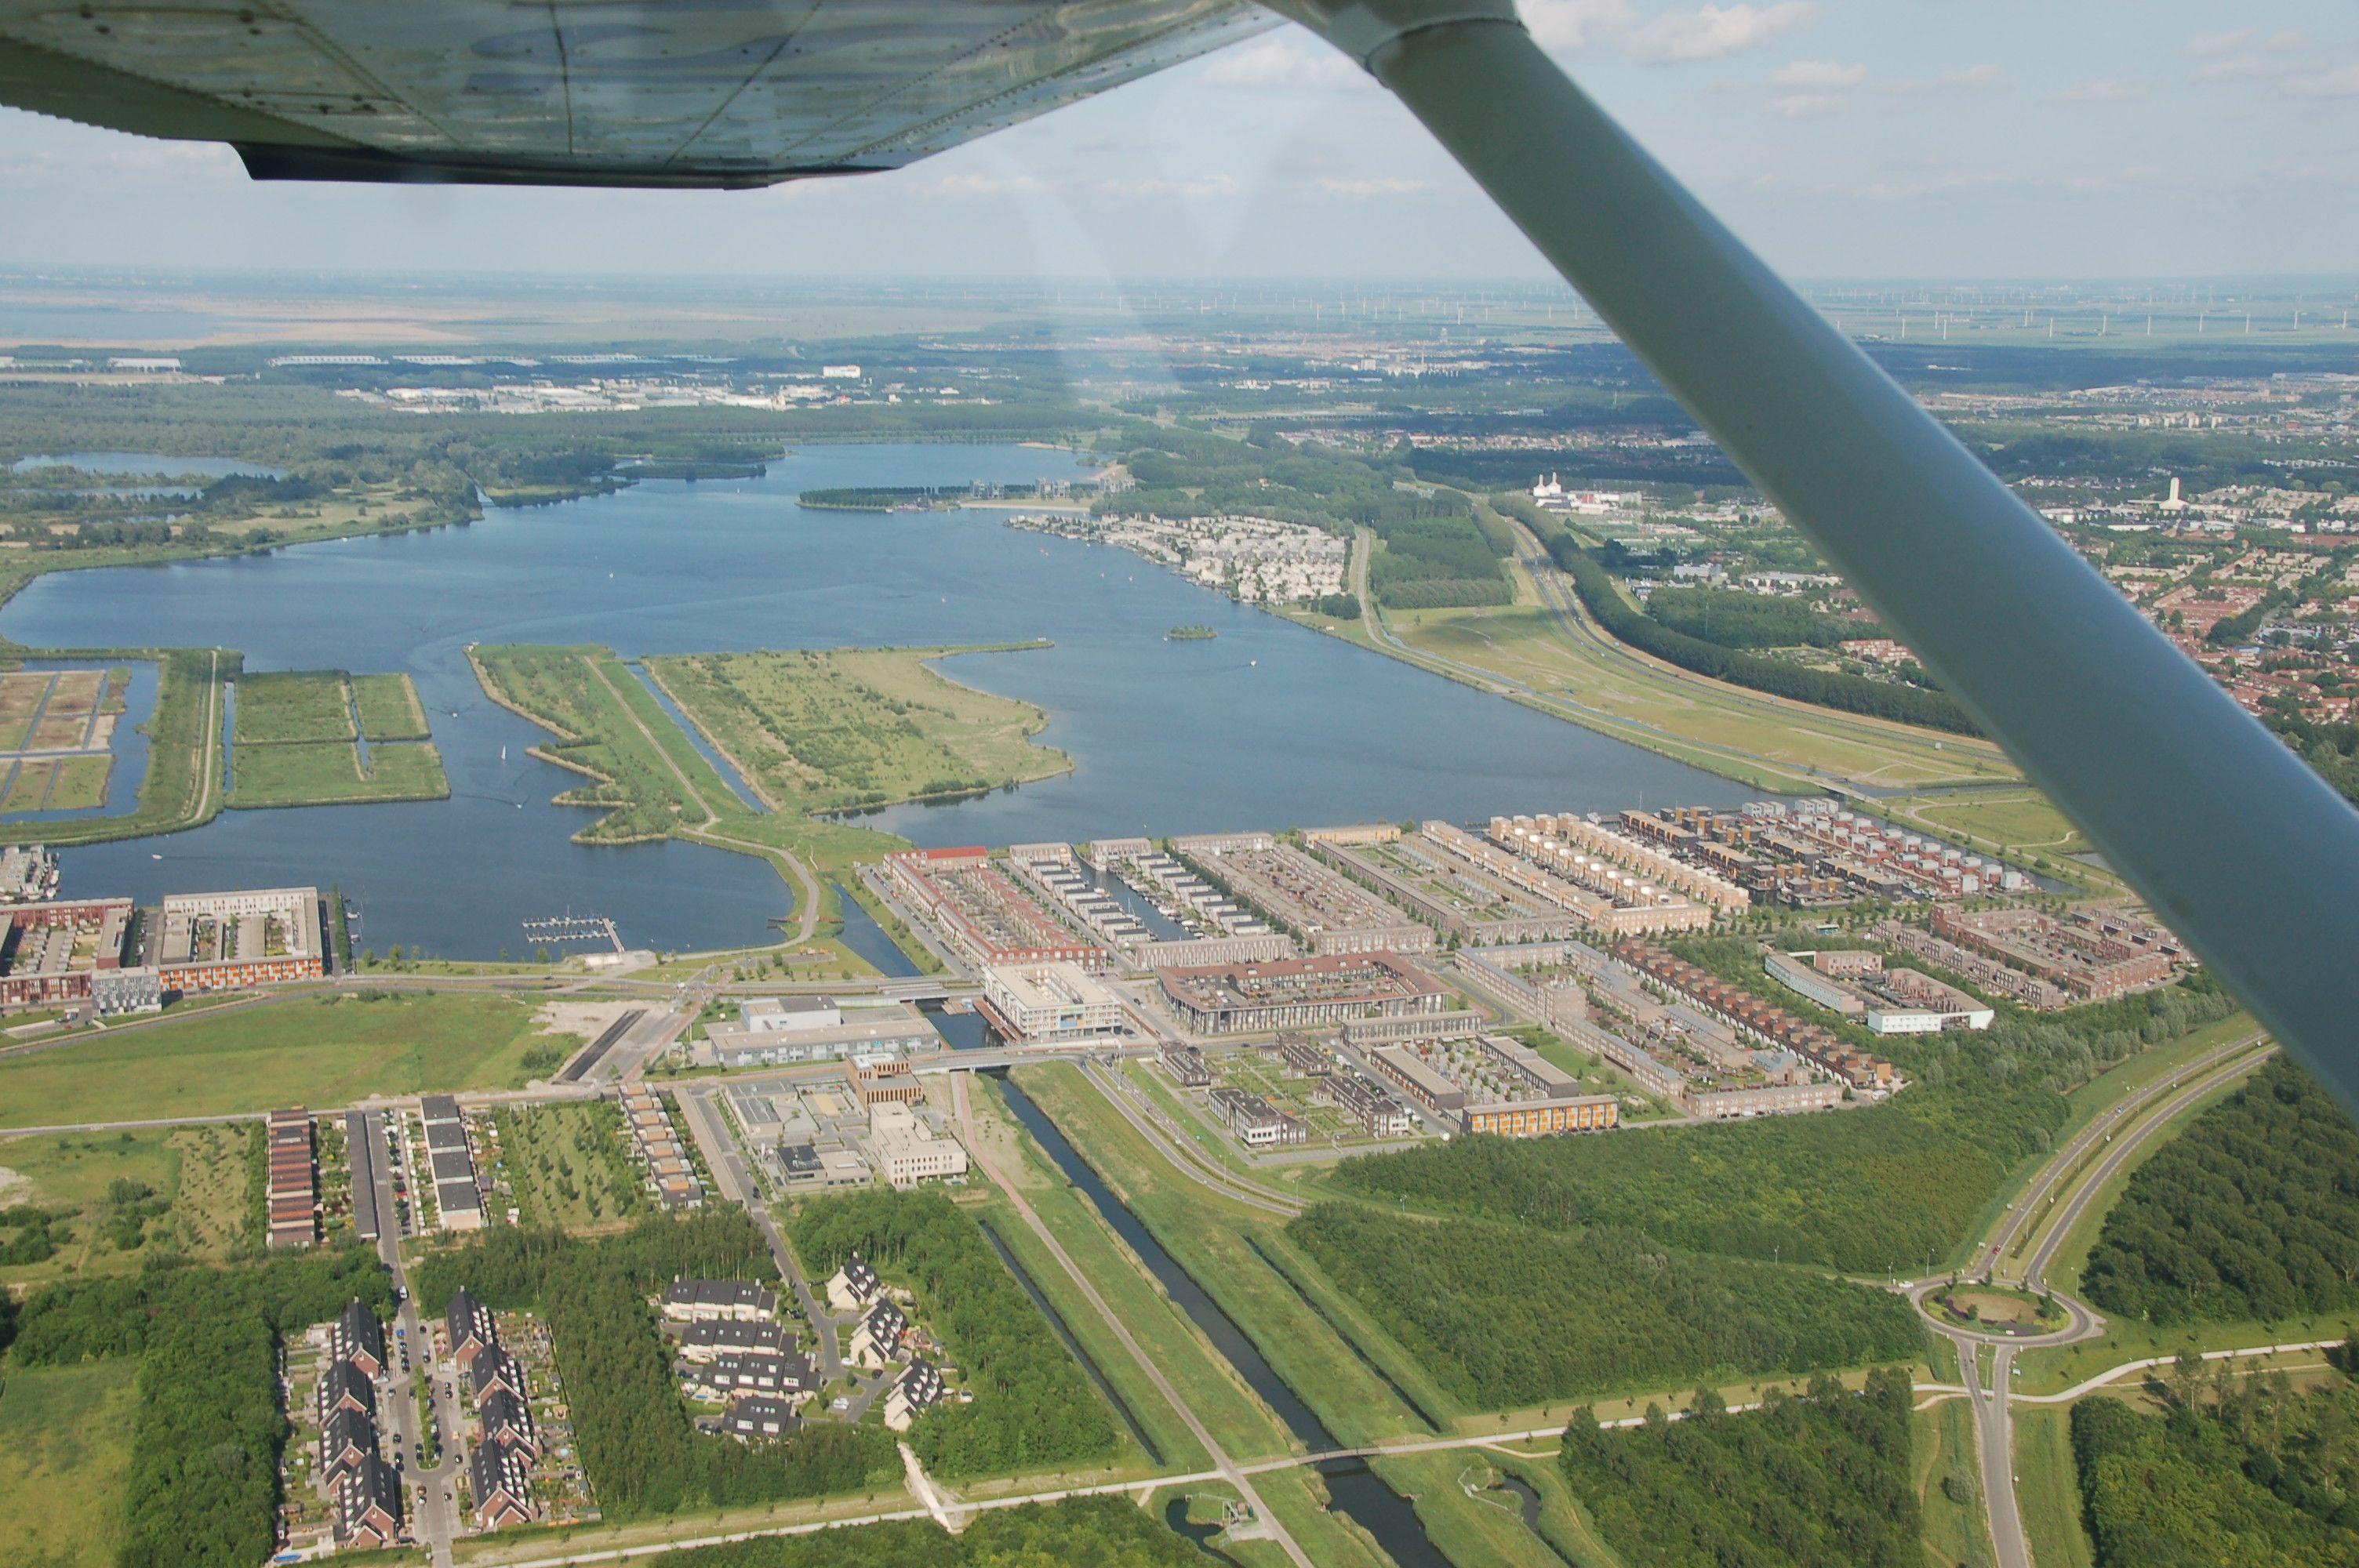 Wachstum ist alles: Wenn noch mehr Menschen nach Almere wollen, werden halt noch ein paar Inselns ins Wasser gesetzt